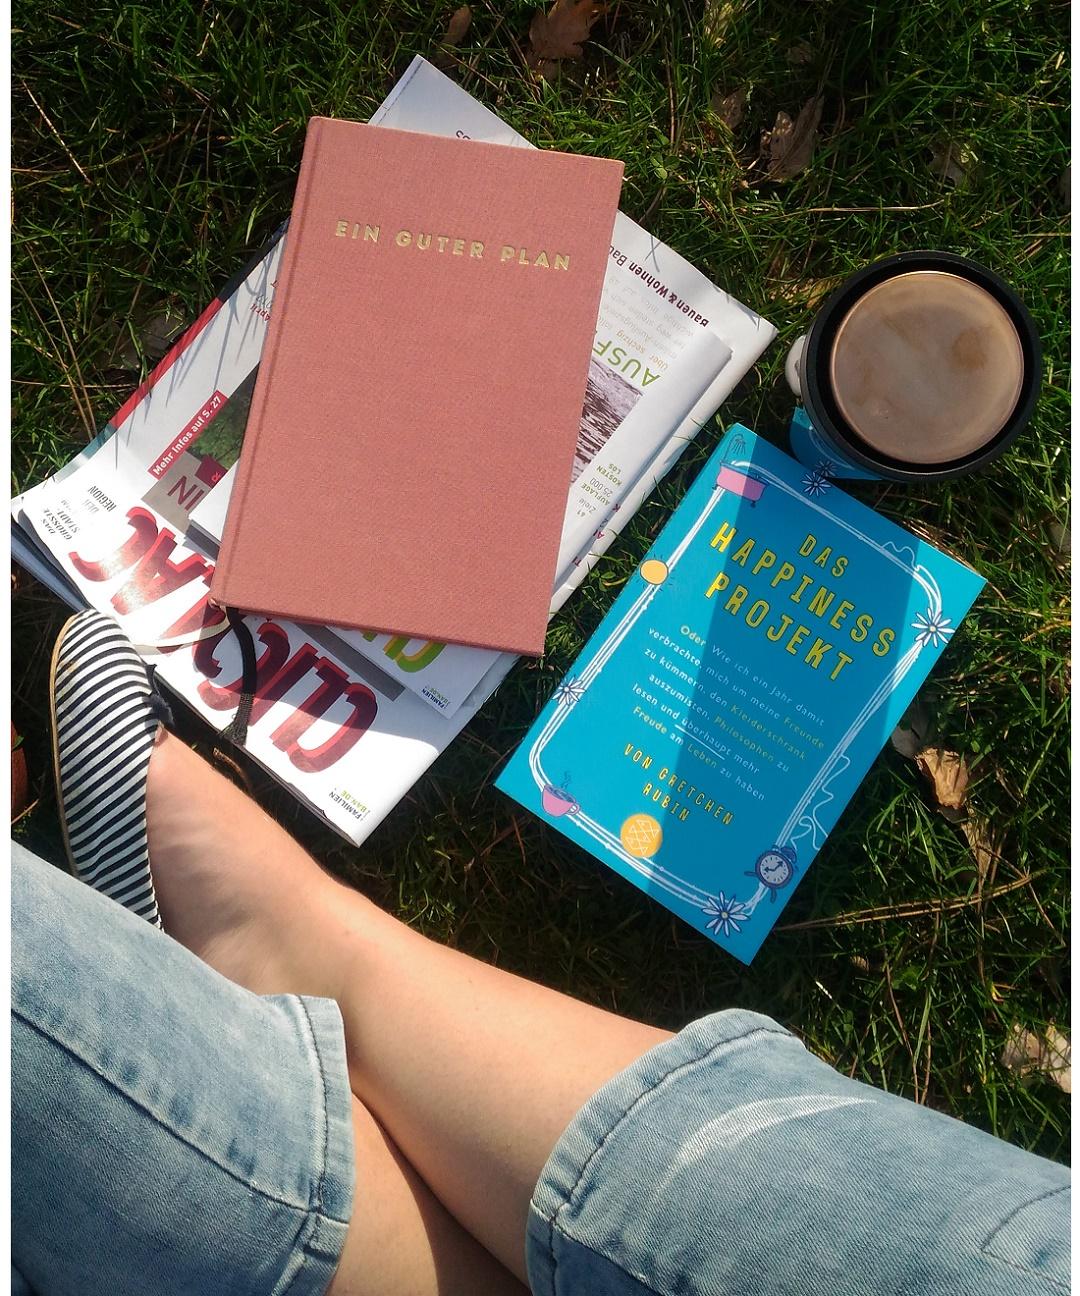 Instagram_Annanikabu_Happiness Project_Ein guter Plan_Kaffeebecher_Nachhaltig_Park_Prinzenpark_Braunschweig_green blog